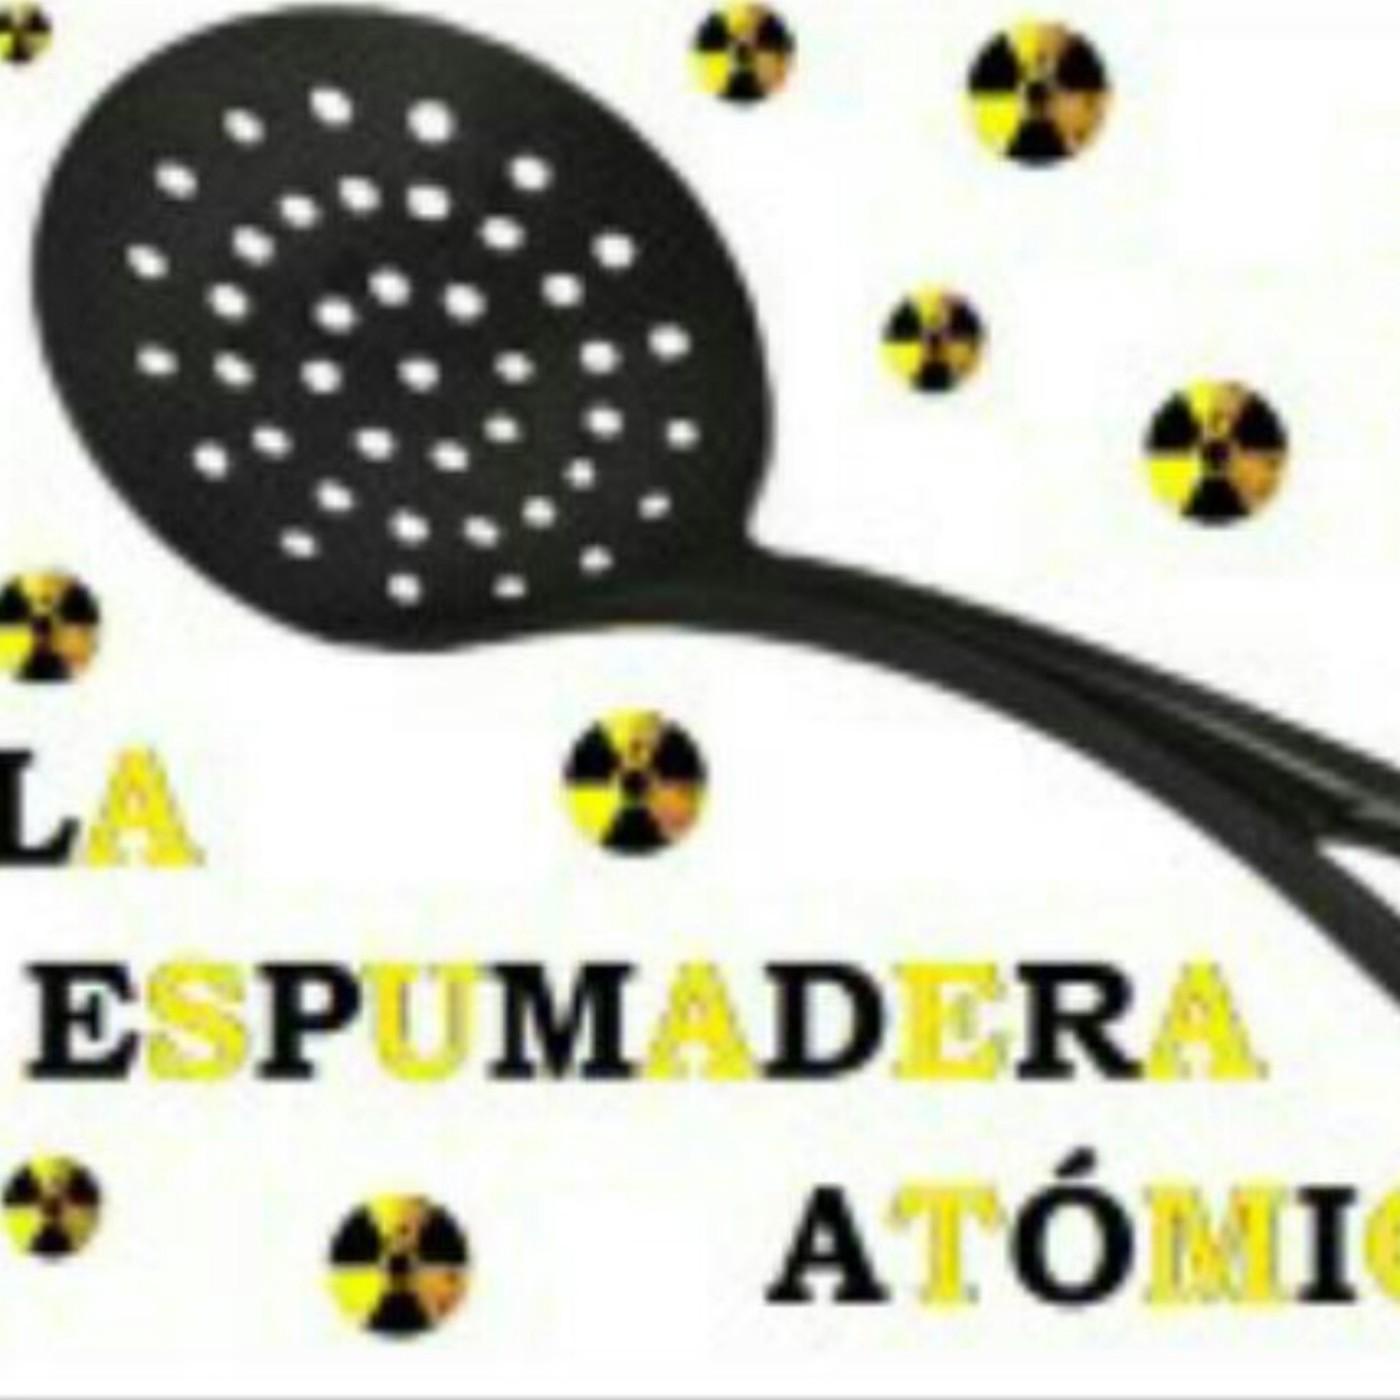 57- La Espumadera Atómica-- LAS CONSPIRACIONES- 'MÁS DE MISTERIO' EL BLOG